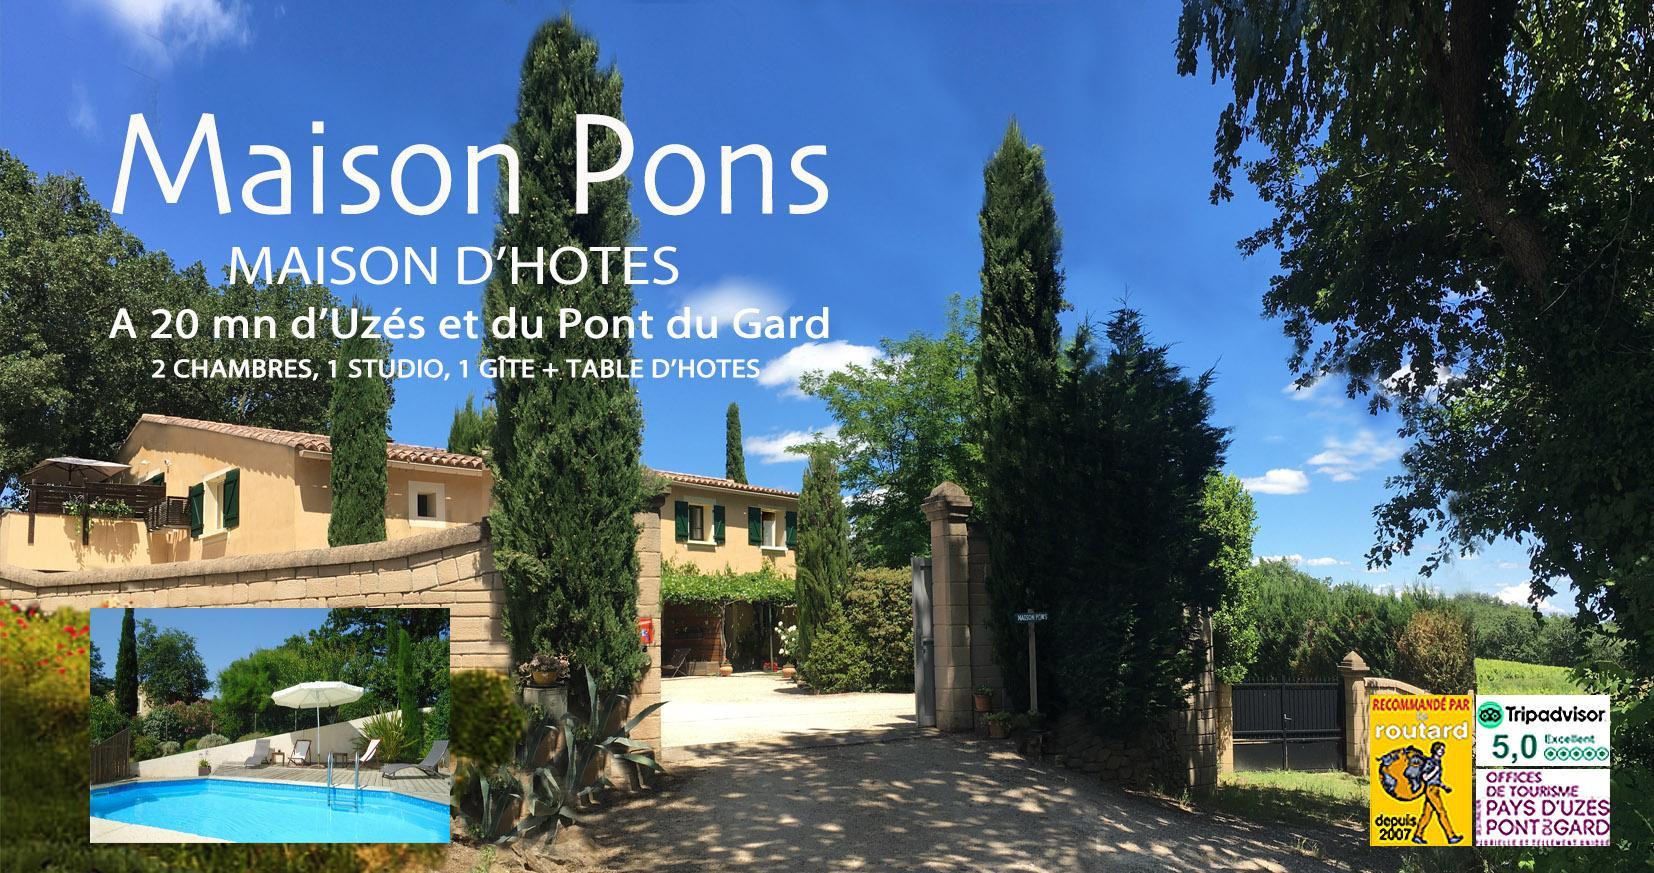 Maison Pons Chambres d'hôtes Uzés Pont du Gard